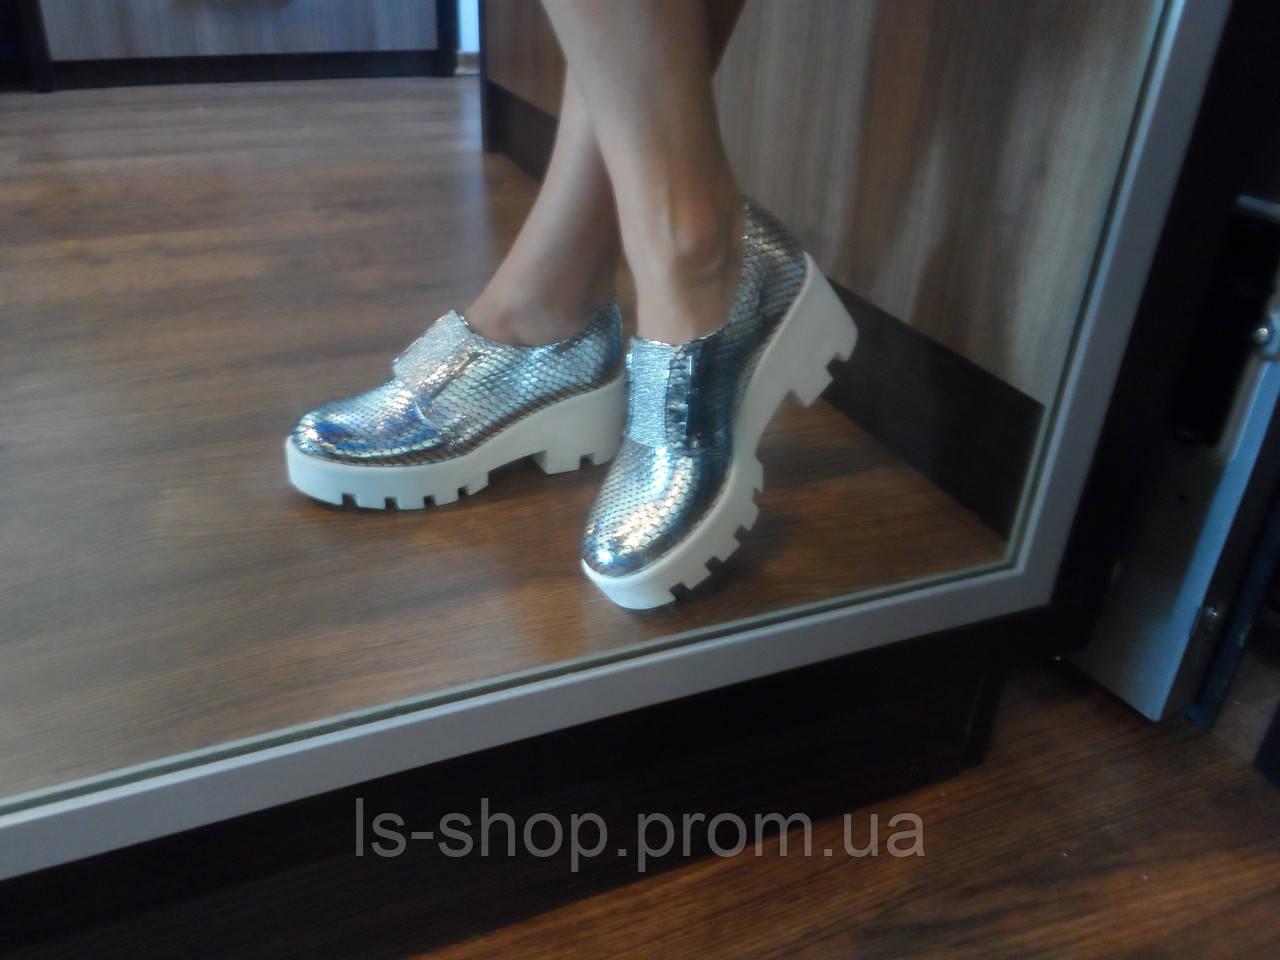 d13c924f7 Женские кожаные серебристые туфли, а.т33серебро. Маломерки: продажа ...